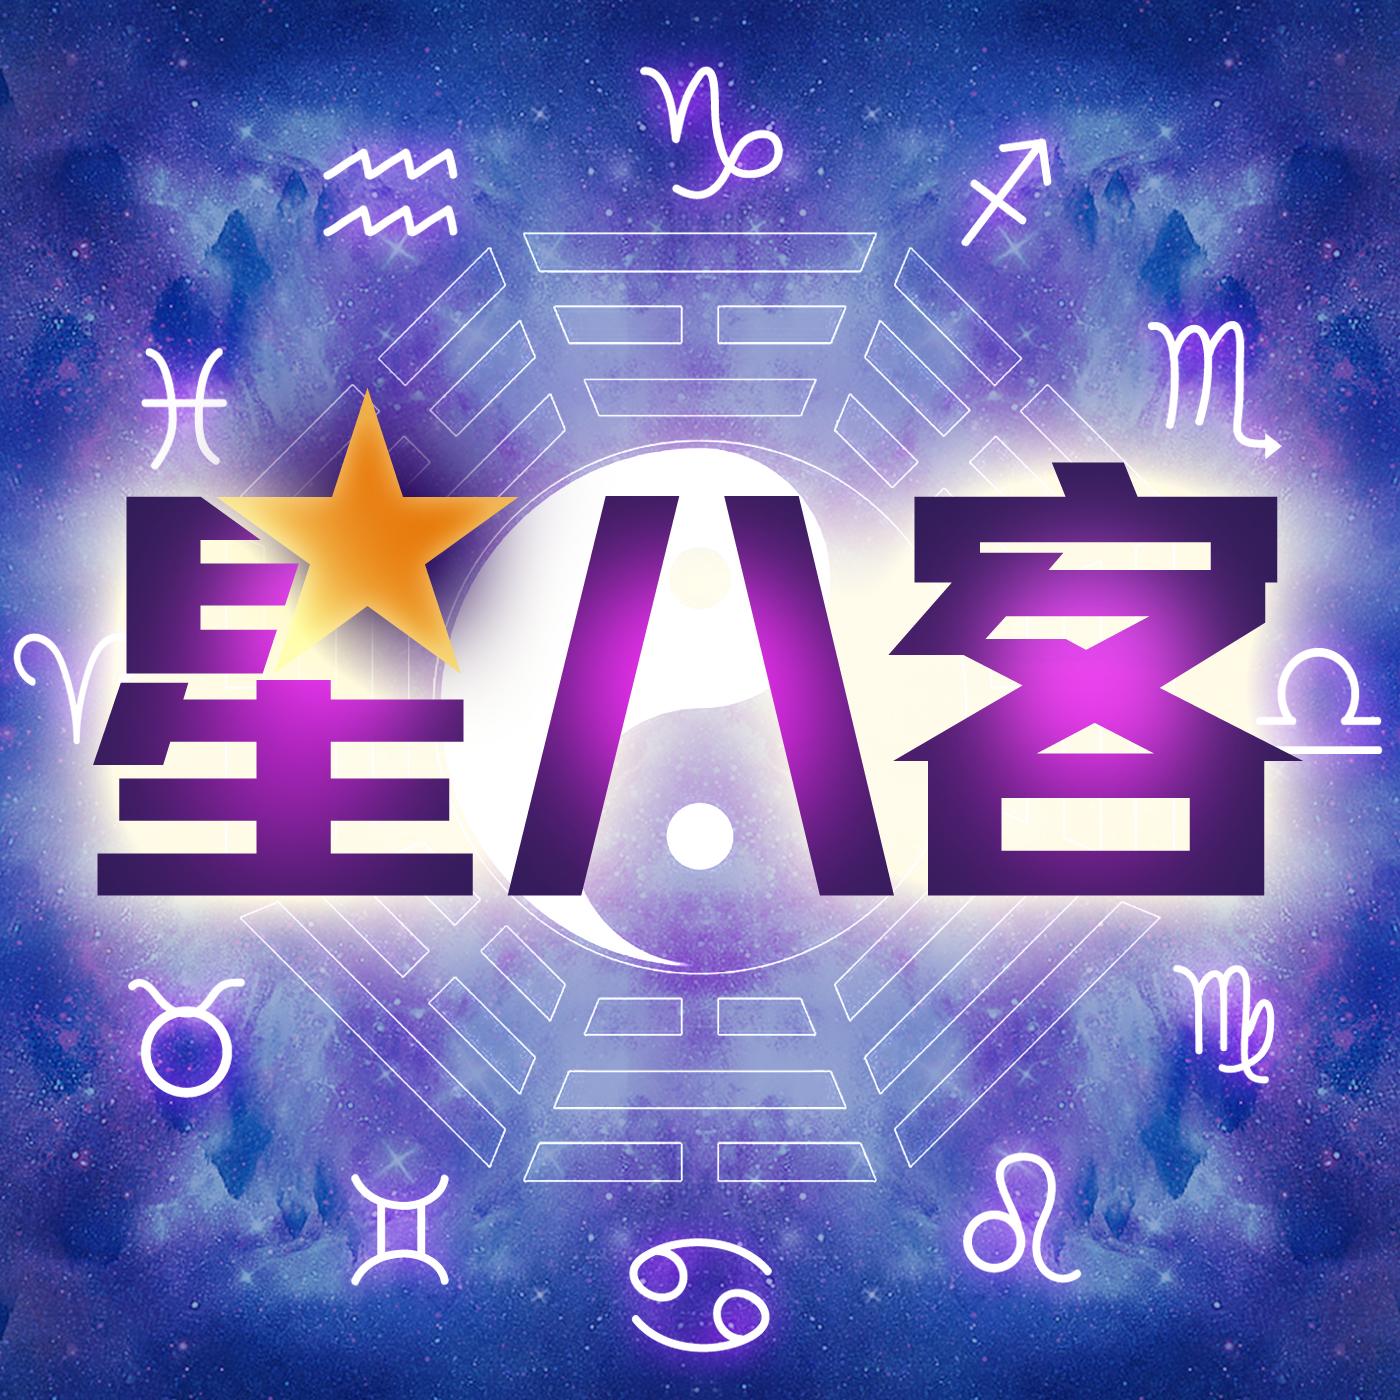 EP.4 星座x八字 - 辛丑年(2021)春分的能量轉換(下集)